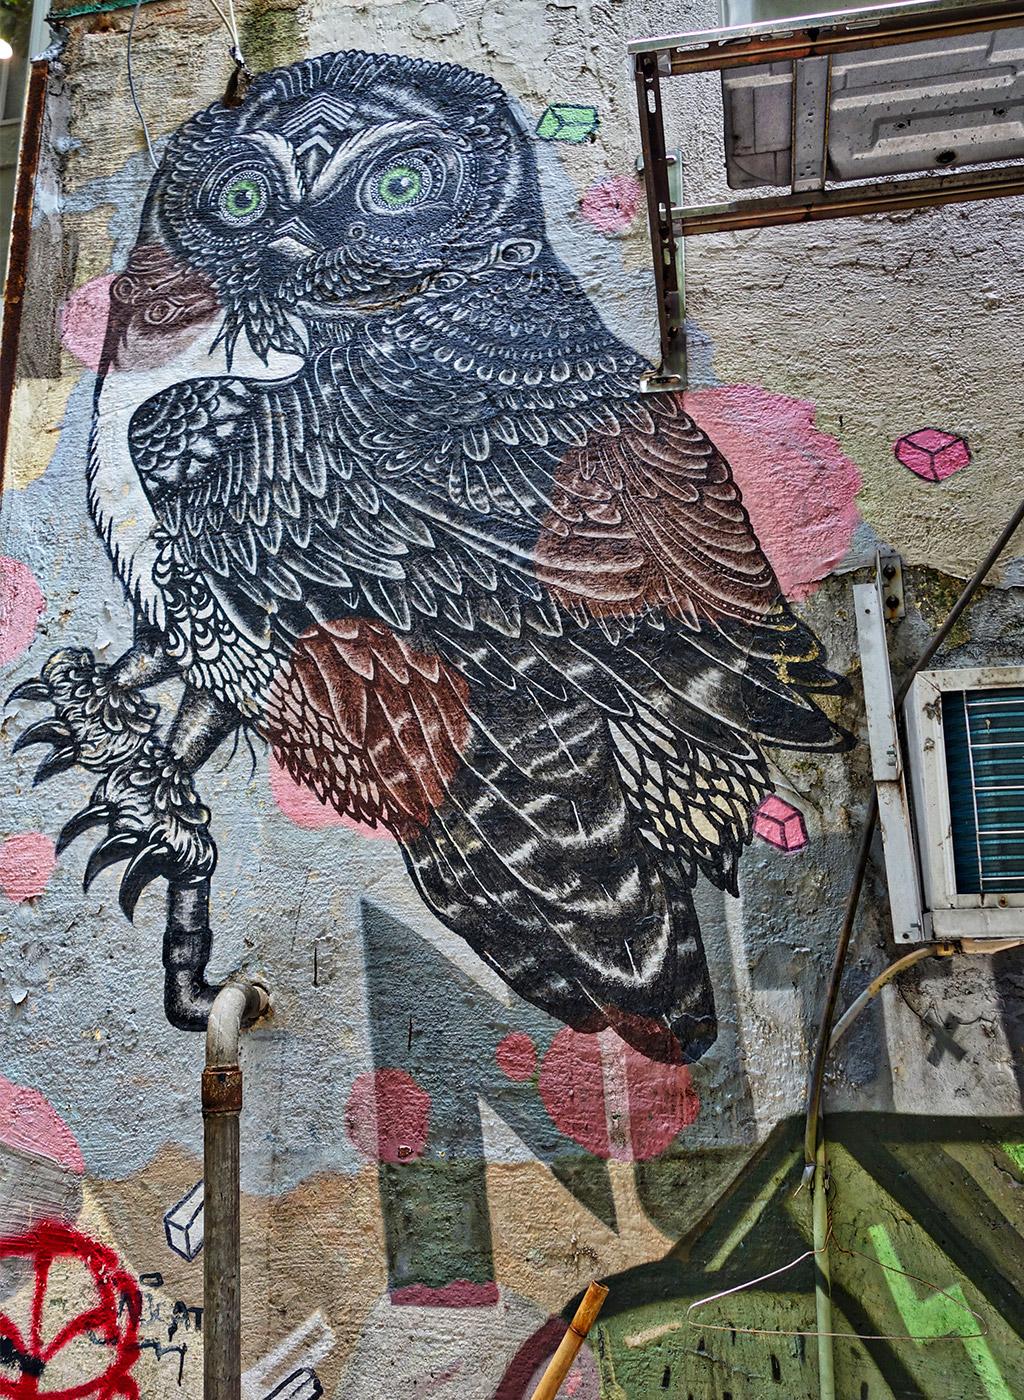 sai-ying-pun-street-art-starting-with-a-blog-29